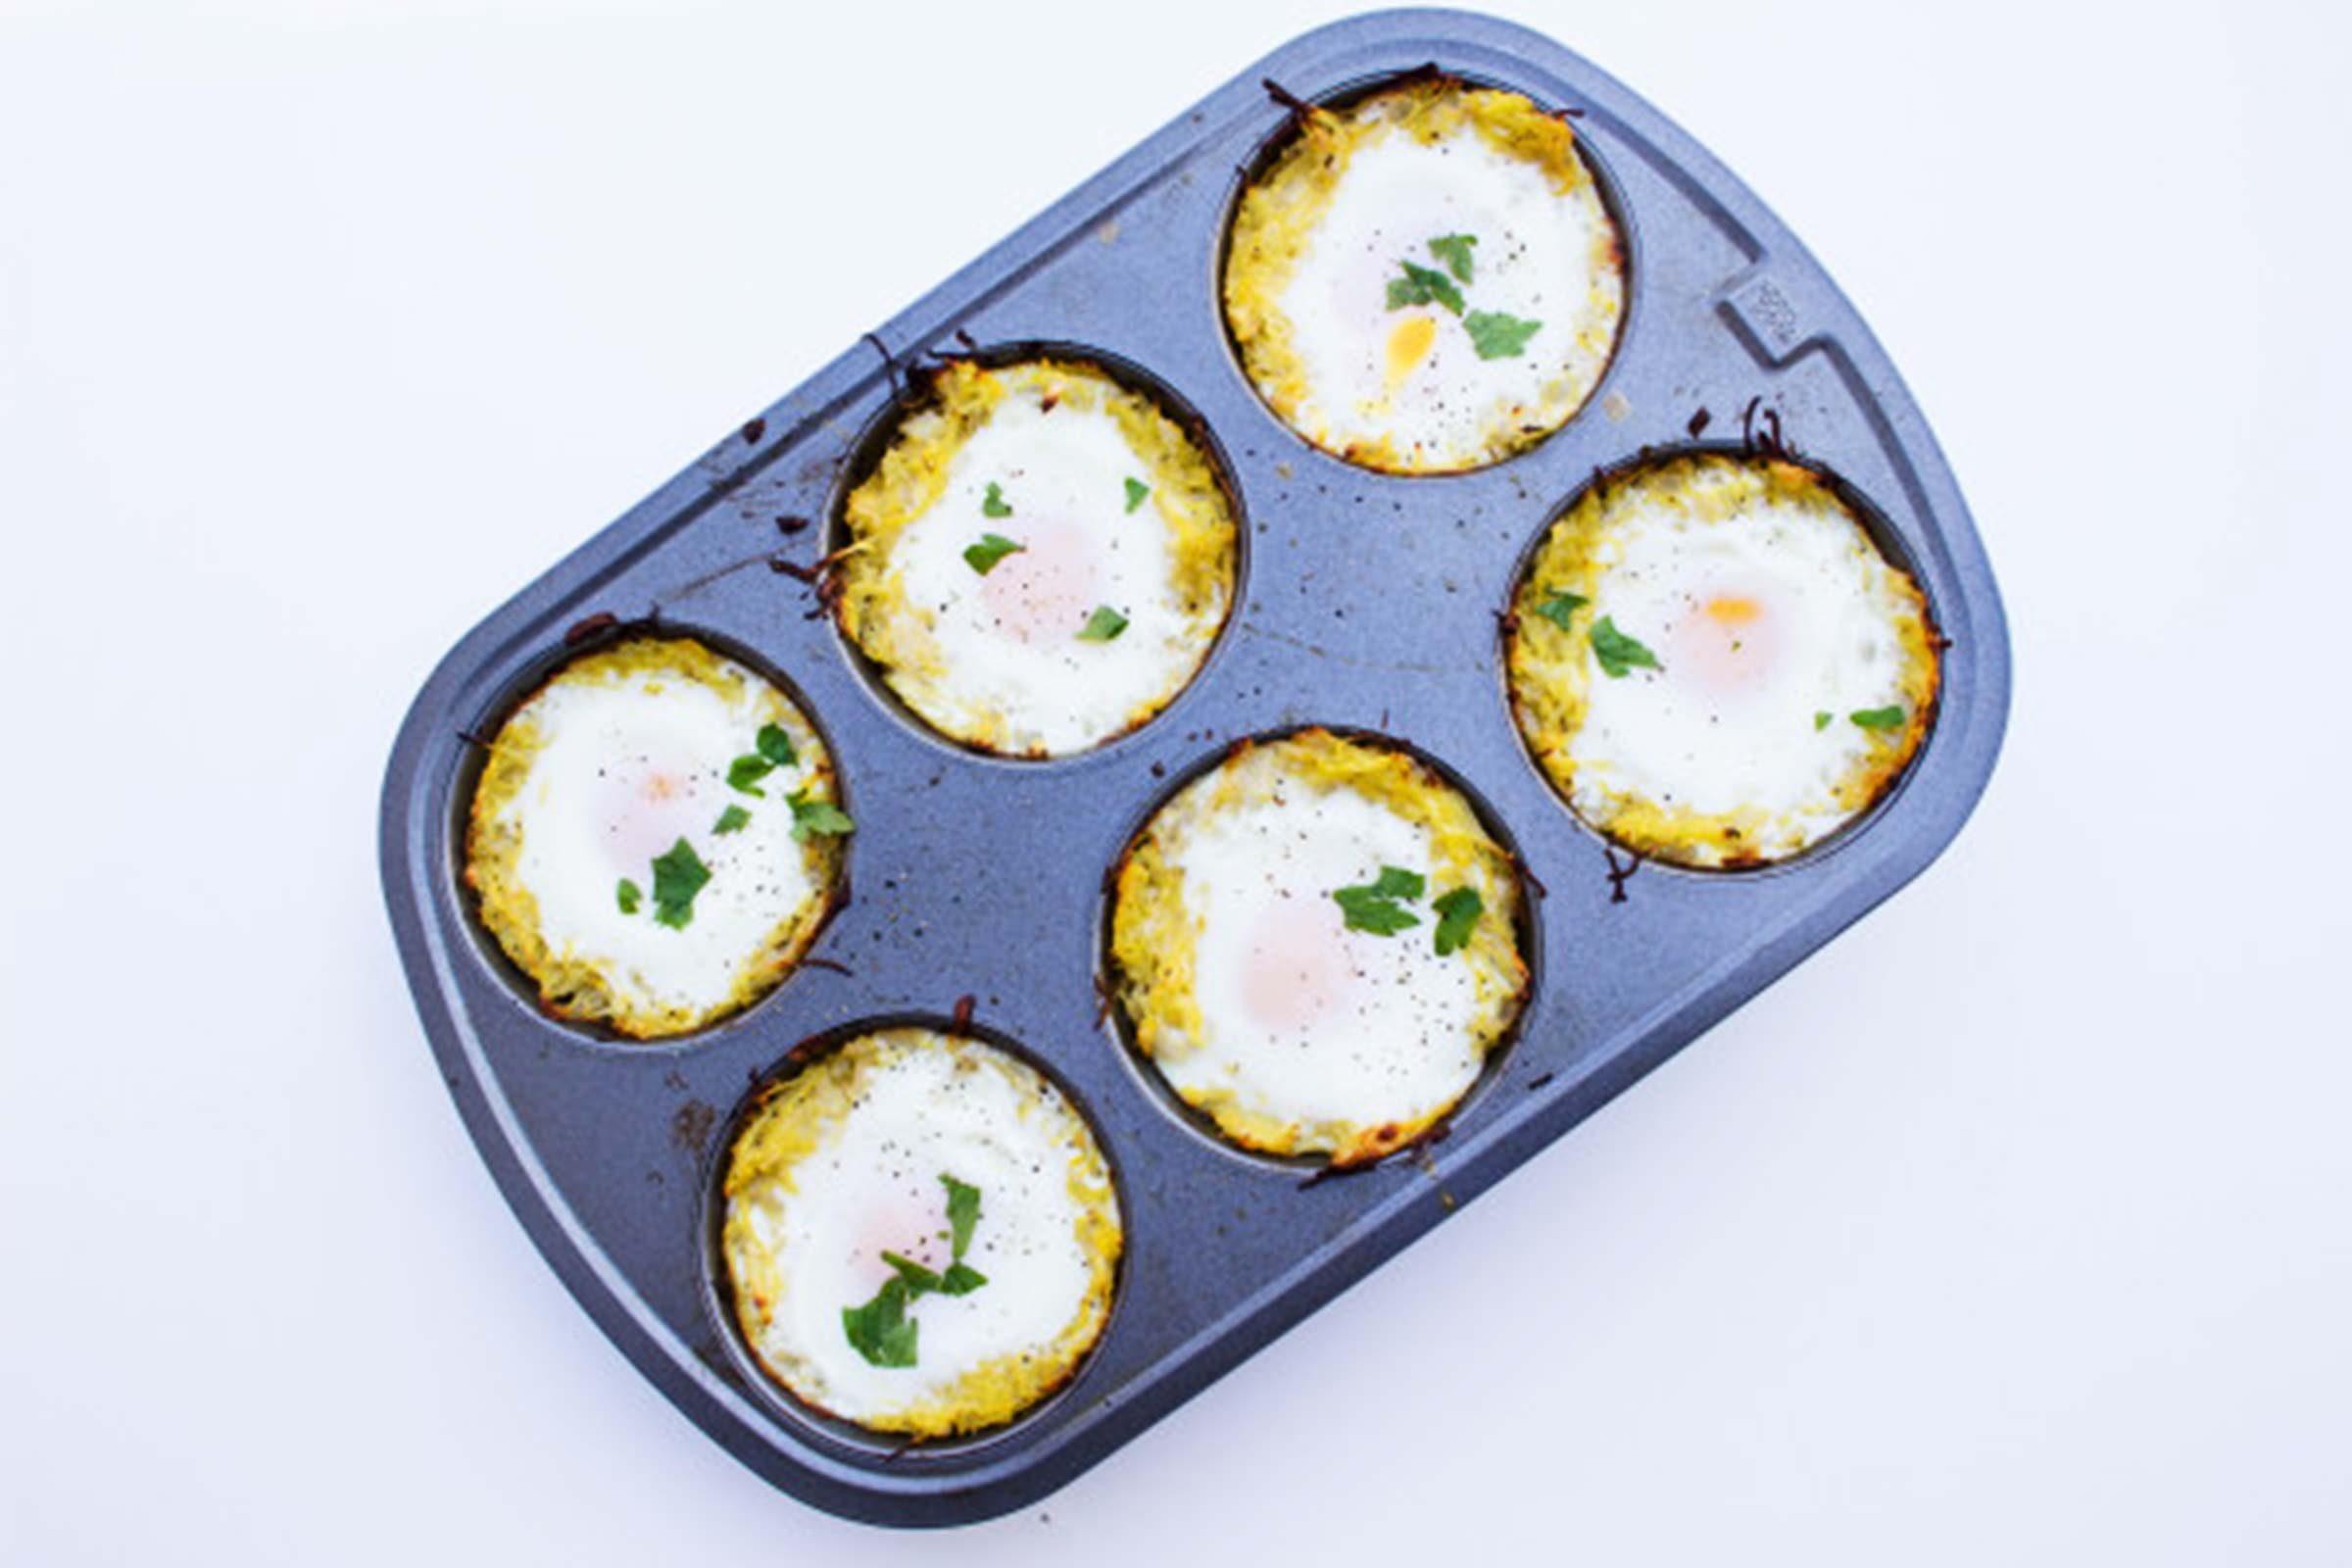 Spaghetti-Squash-Egg-Nests